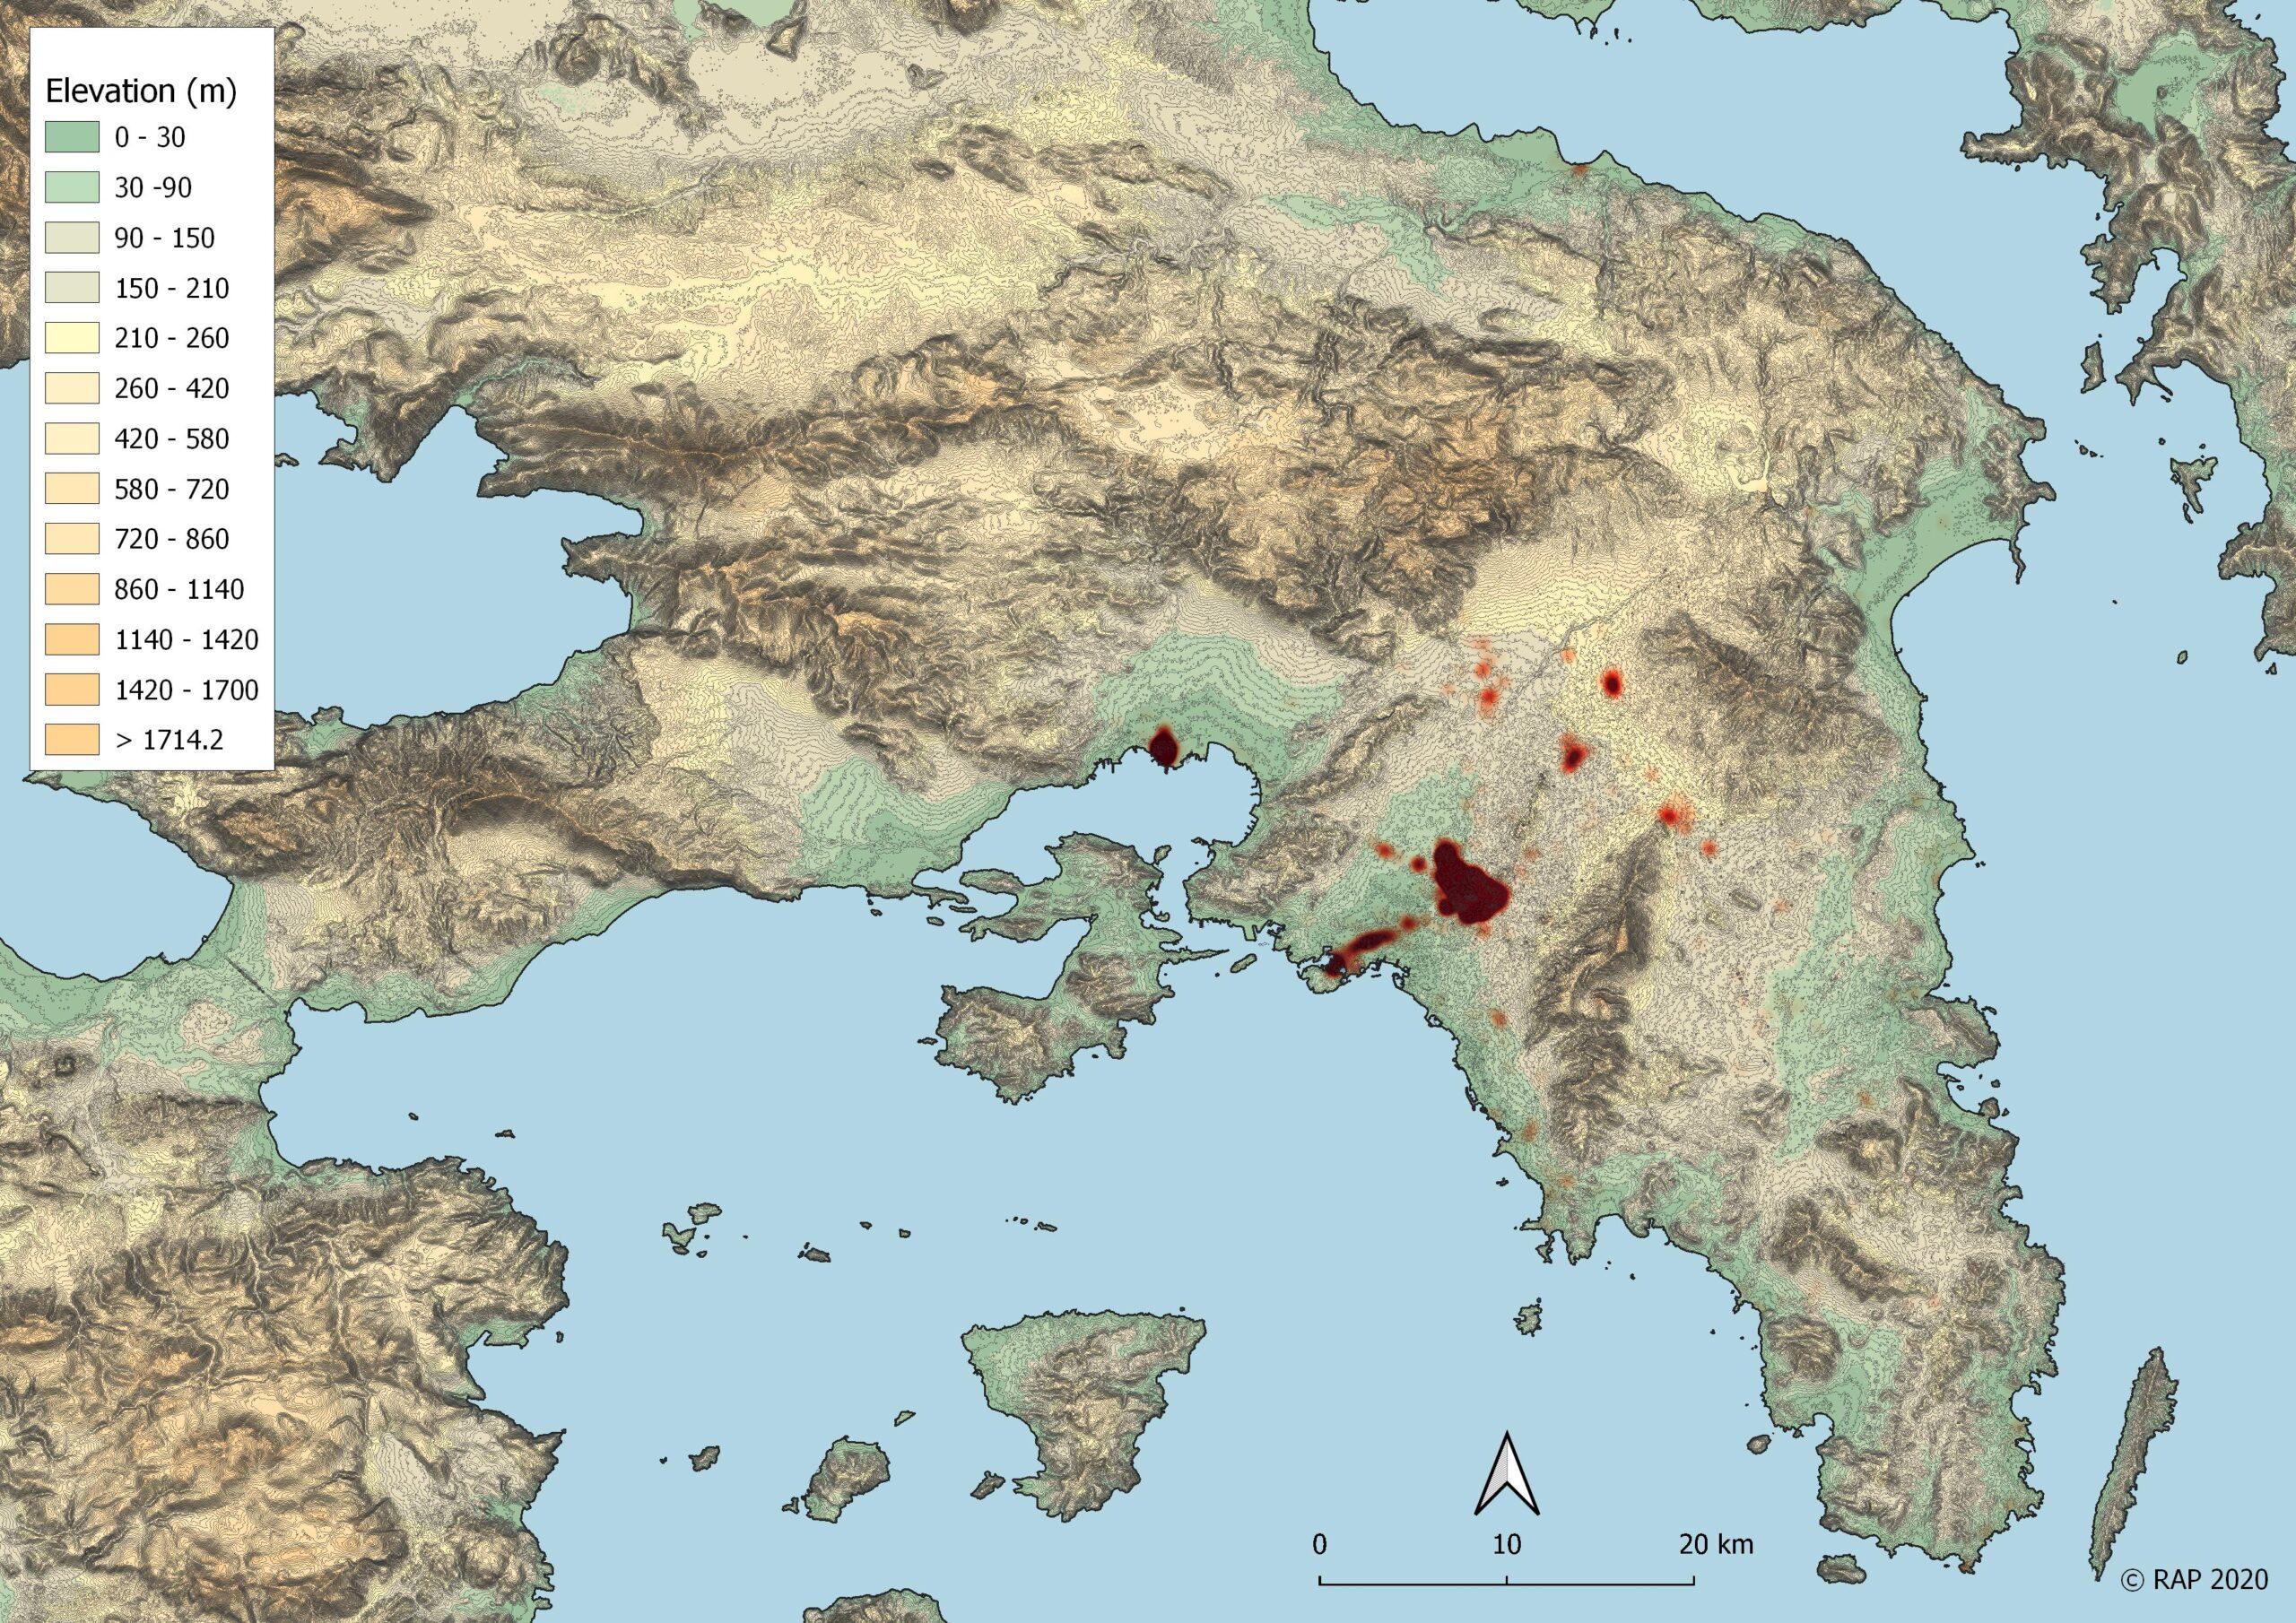 Χάρτης θερμότητας/συγκέντρωσης των ρωμαϊκών θέσεων στην Αττική